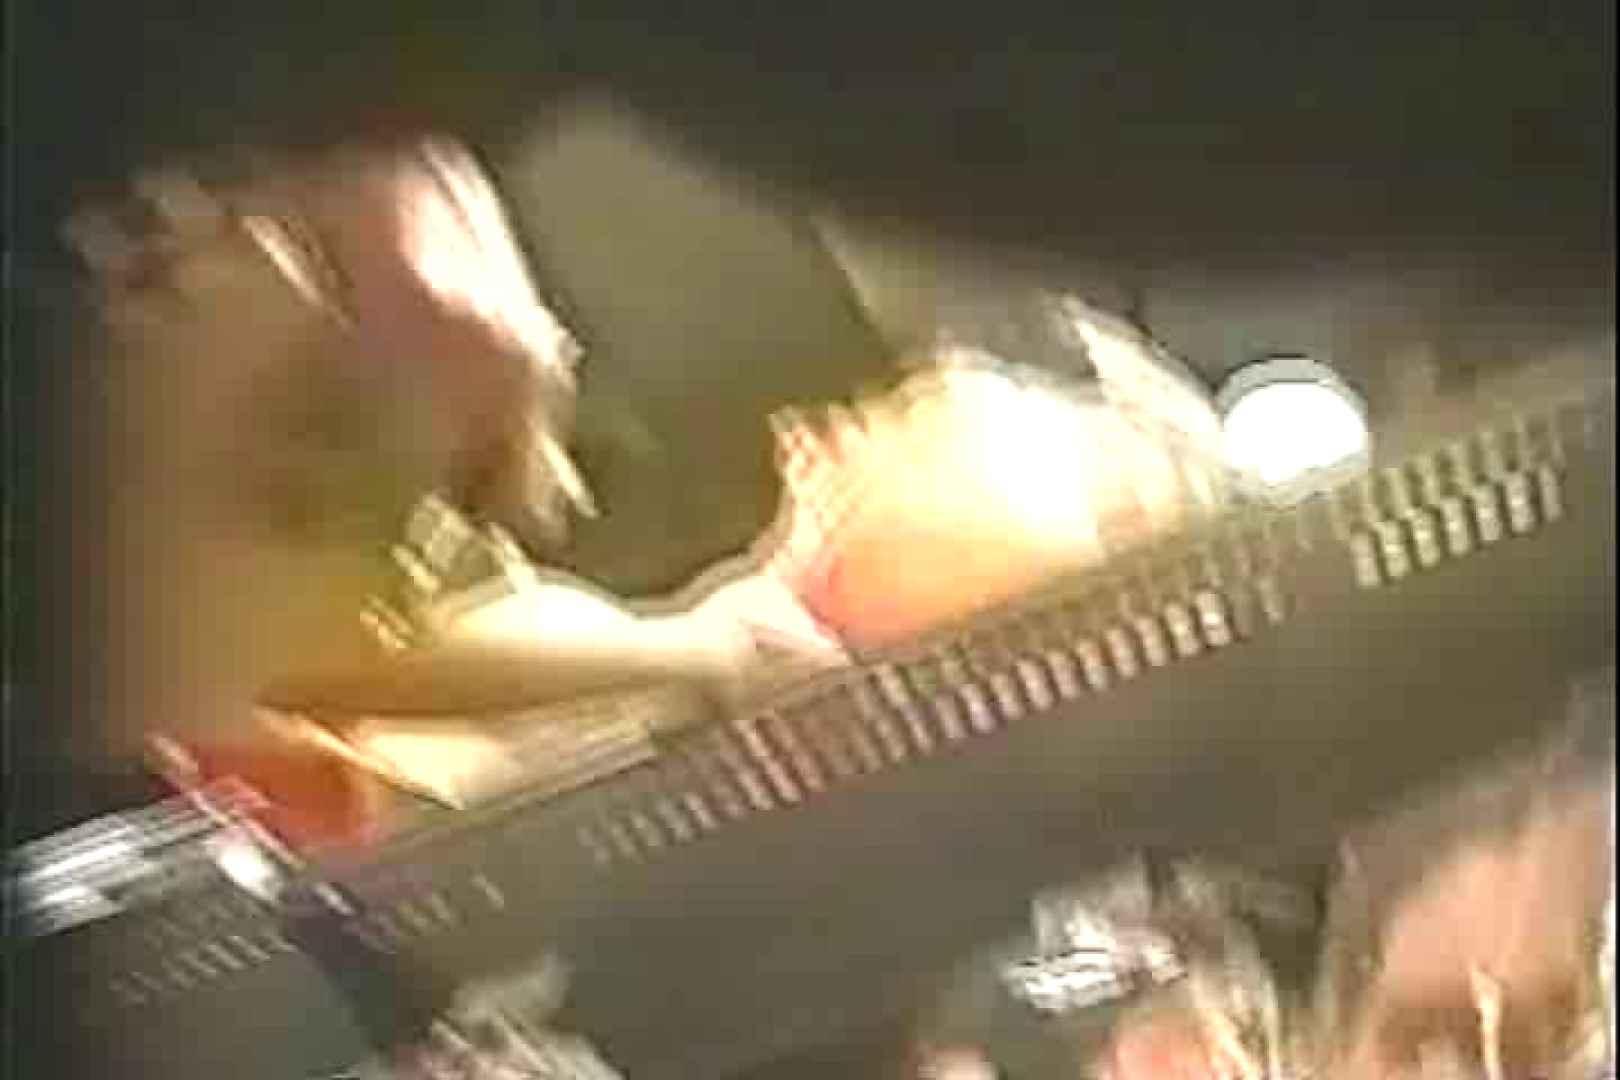 「ちくりん」さんのオリジナル未編集パンチラVol.3_02 チラ  87画像 16